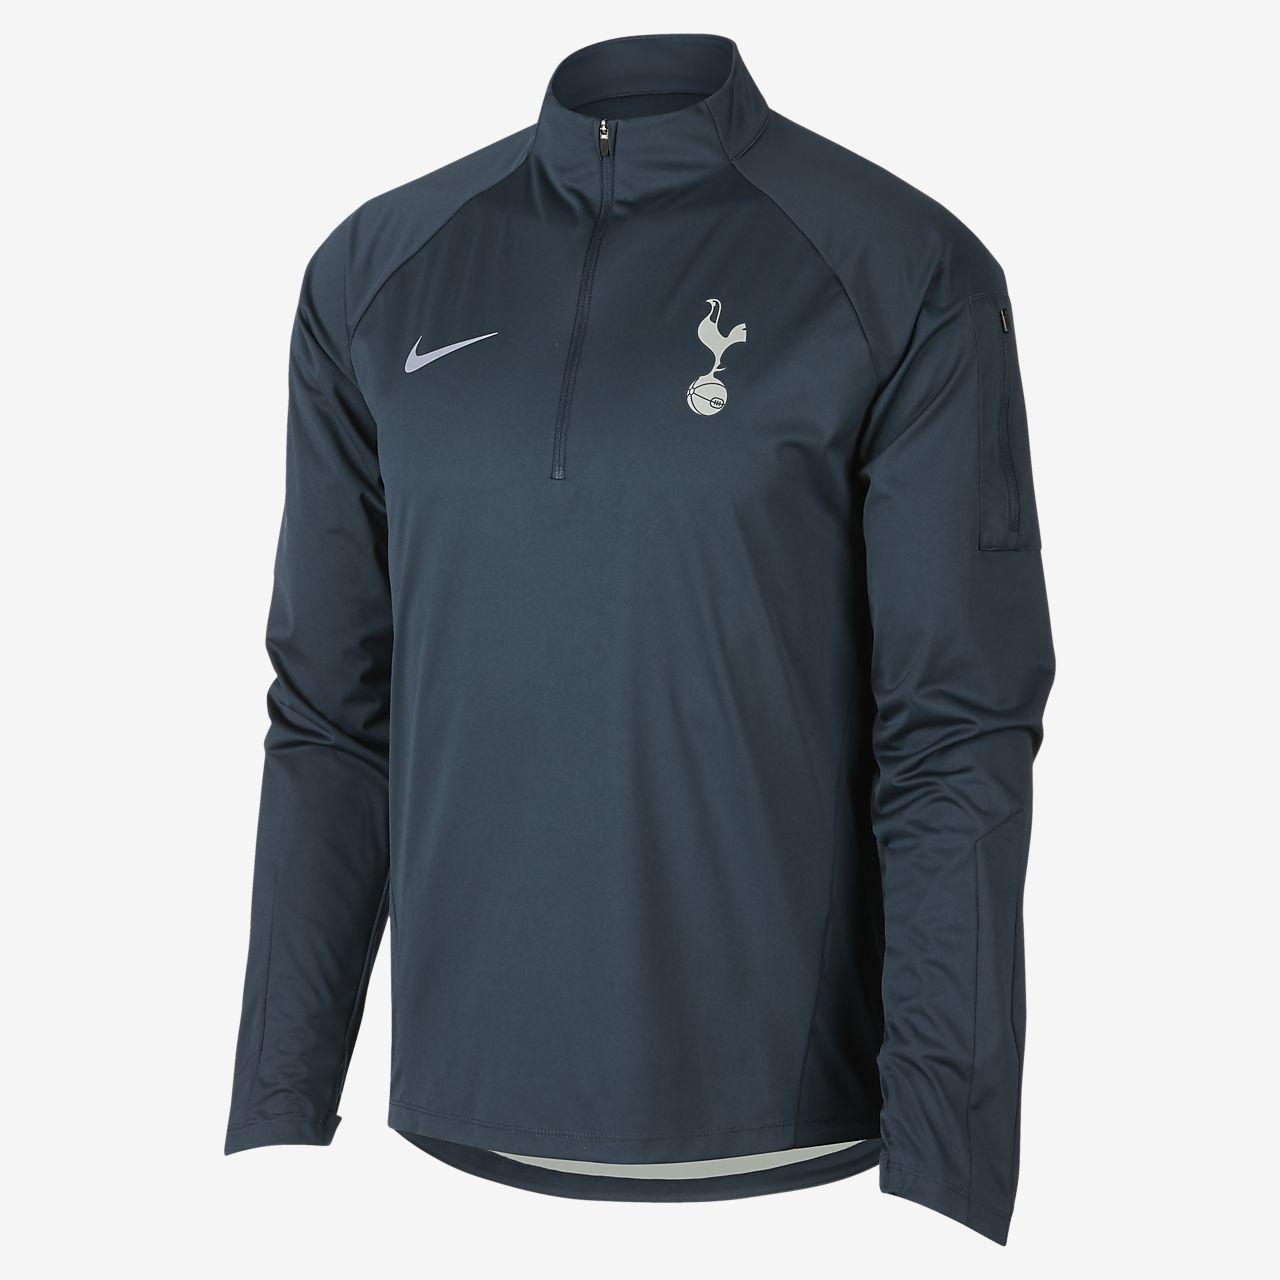 d4f02a9a9 Nike Shield Tottenham Hotspur Squad Men's Football Drill Top. Nike ...